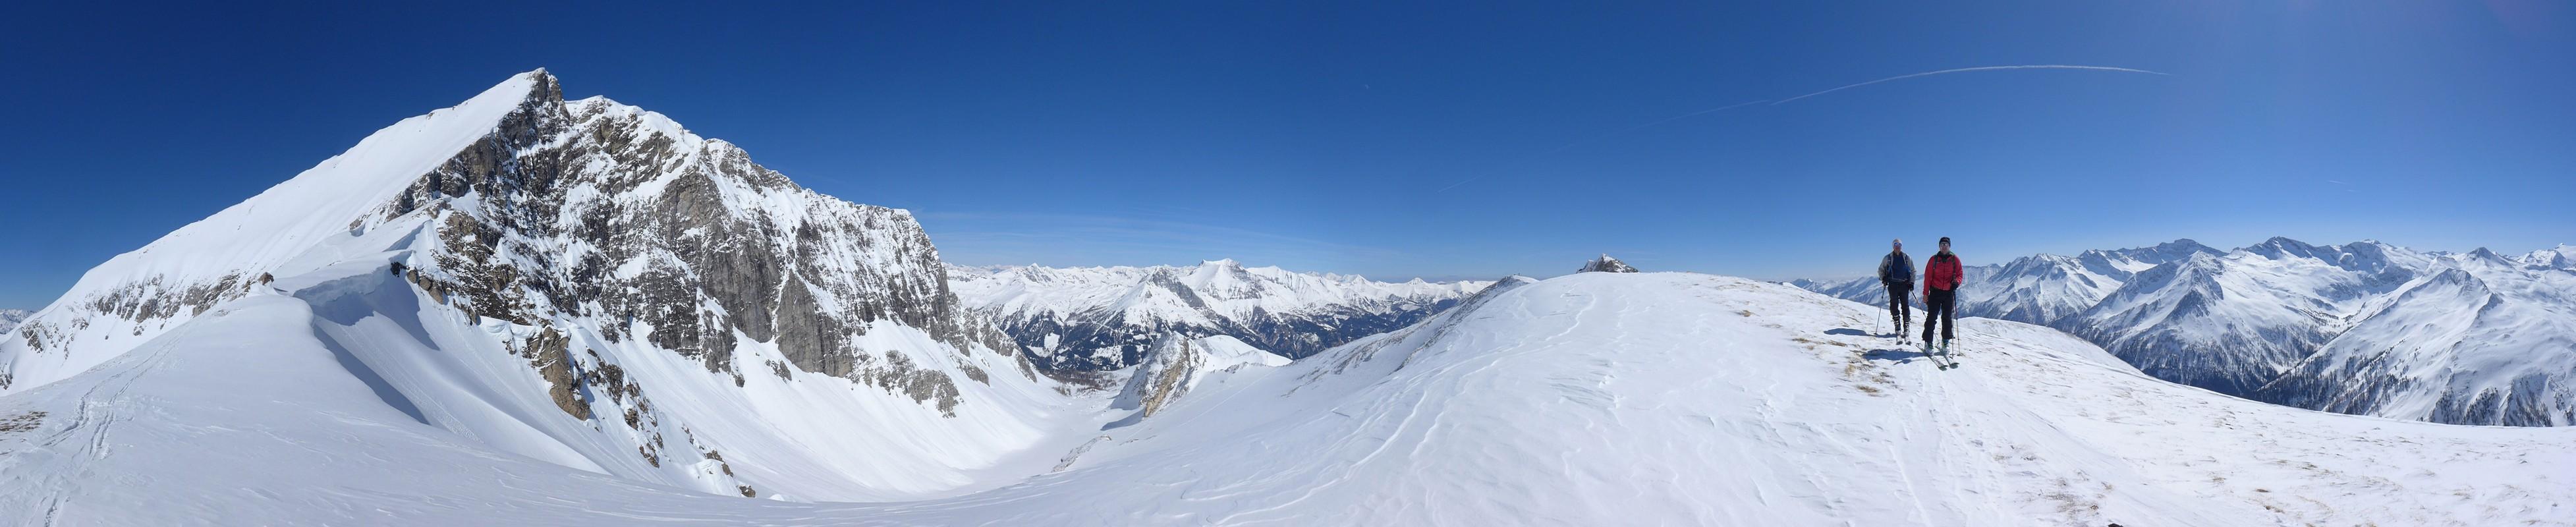 Weisseck Niedere Tauern Rakousko panorama 22